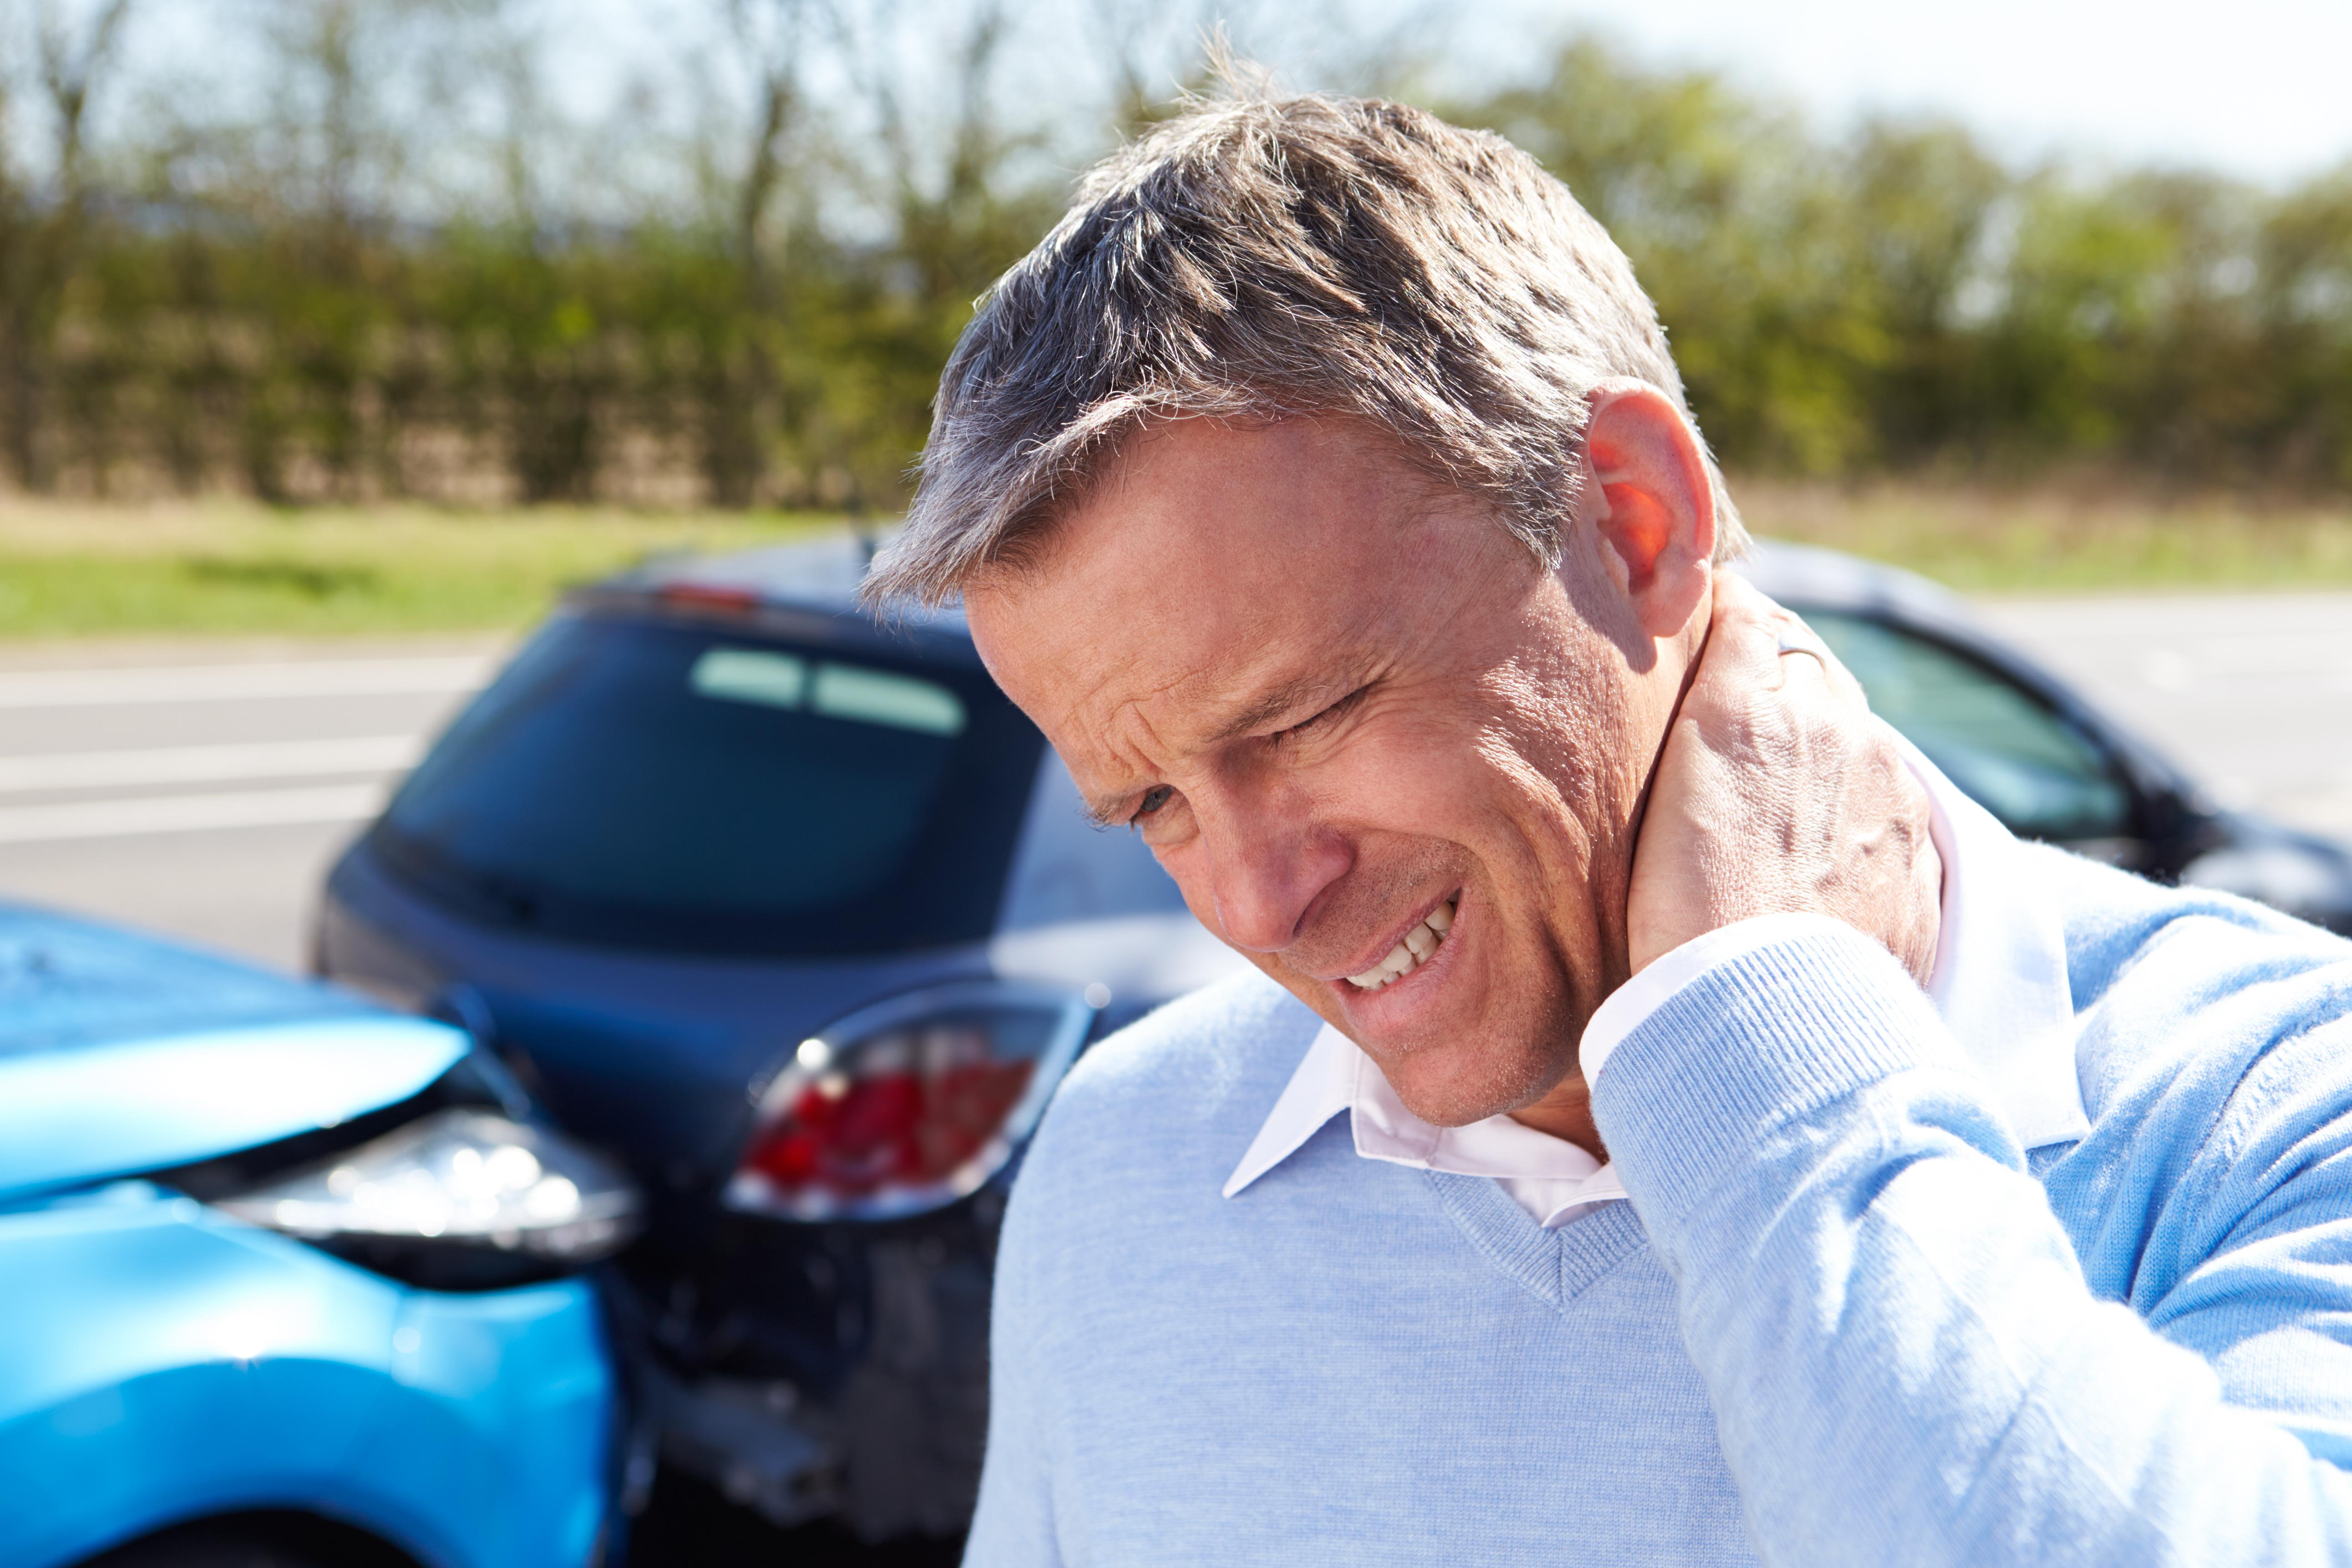 교통사고 후에 목이 아픈 이유